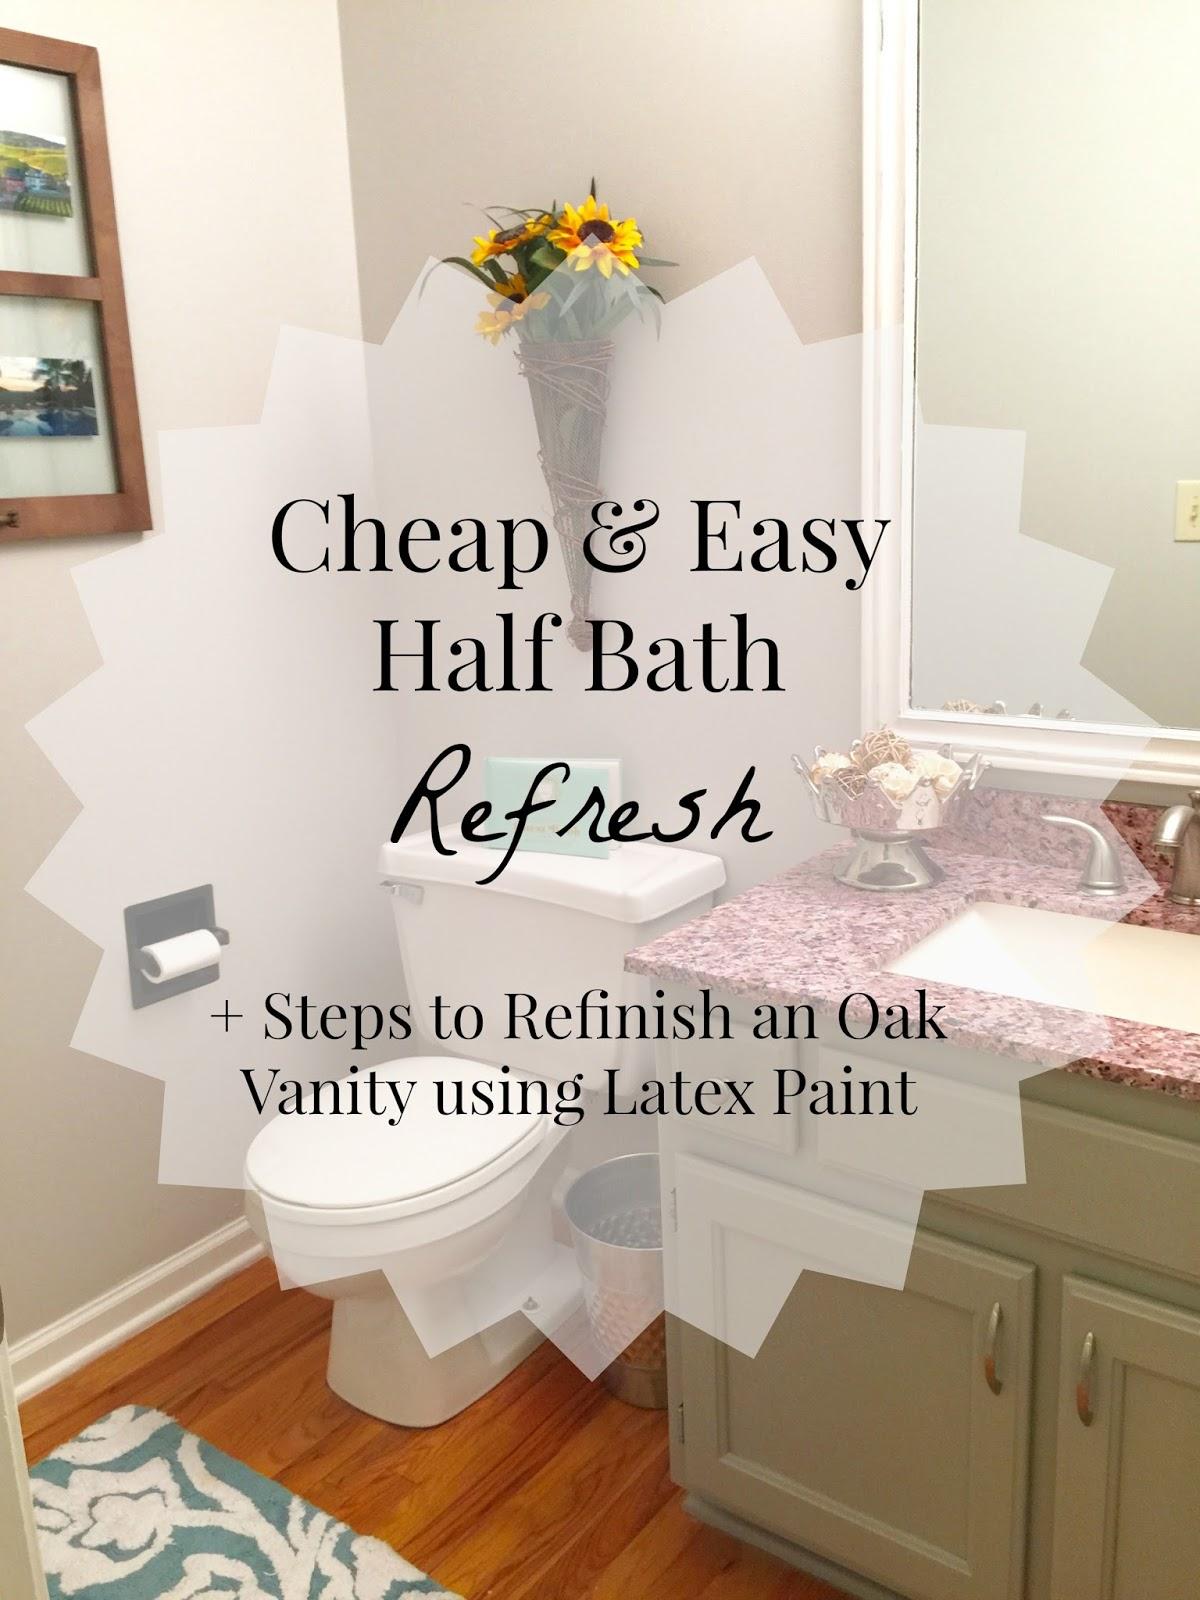 Valspar Tempered Gray, Valspar Bathroom Paint